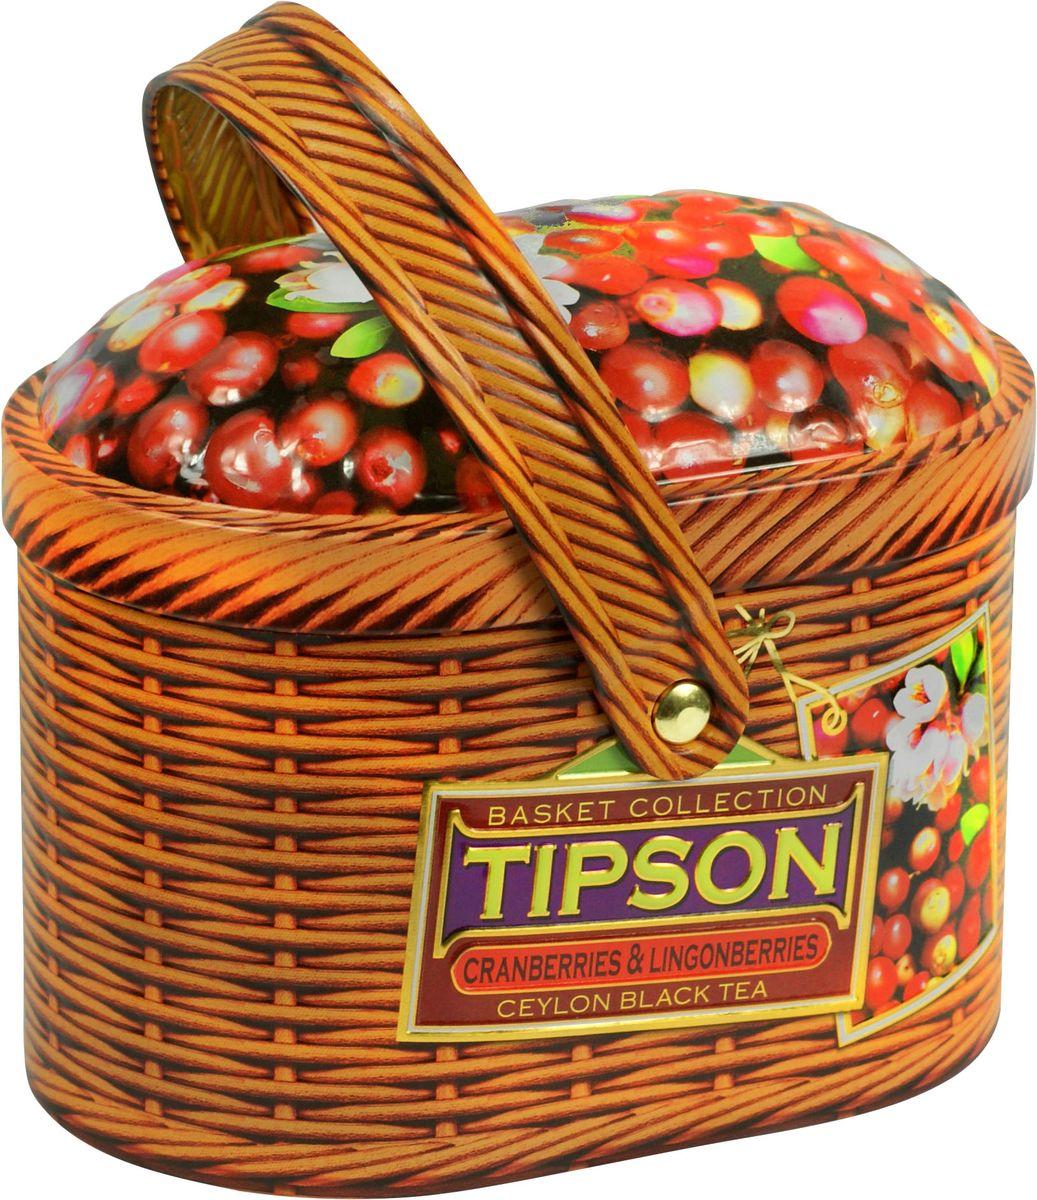 Tipson Basket-Cranberries and Lingonberries чай черный листовой с ягодами клюквы и китайской березы, 80 г80129-00Чай чёрный цейлонский байховый листовой с ягодами клюквы и китайской березы и ароматами клюквы, брусники и ванили.